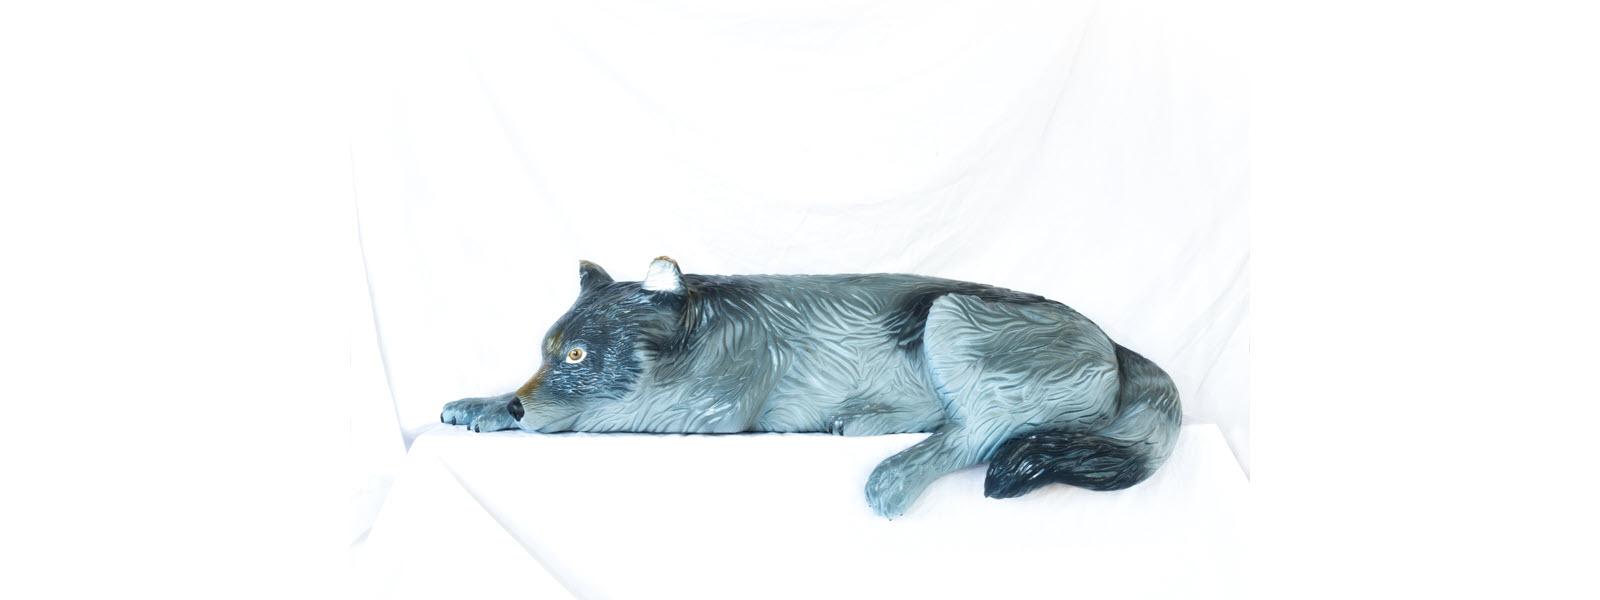 grey wolf-4 1600x600.jpg